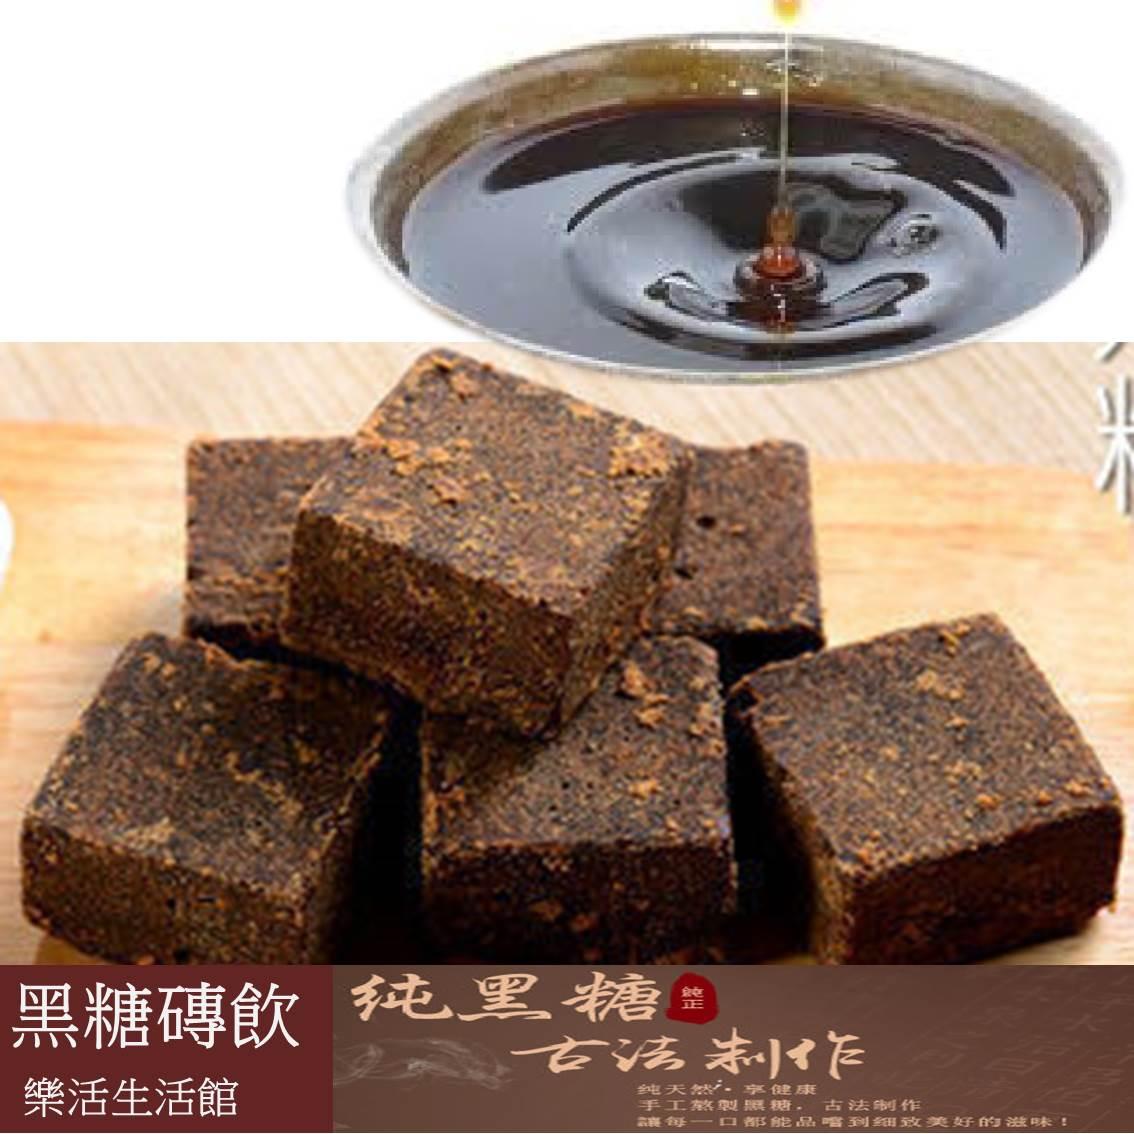 [單顆] 黑糖磚塊飲 老薑黑糖四物黑糖紅棗桂園黑糖沖泡飲 【樂活生活館】